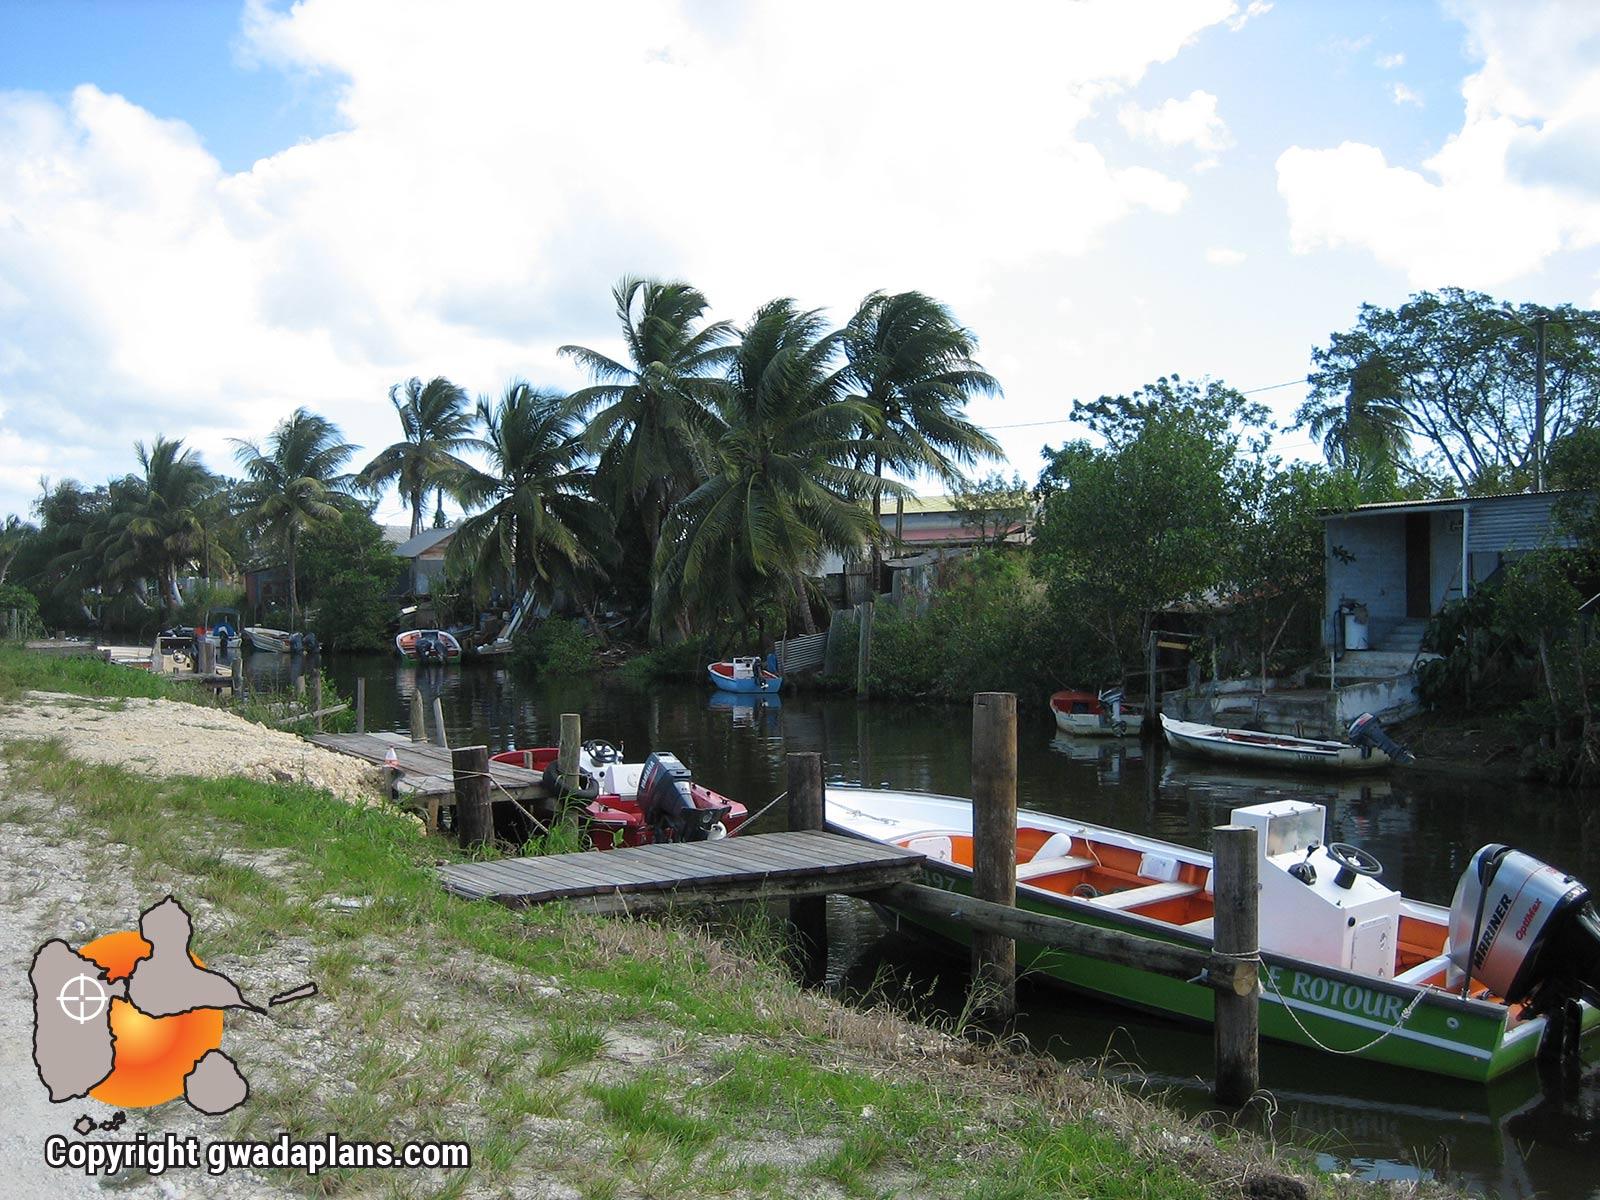 Canal utilisé pour l'accès mer en bateaux